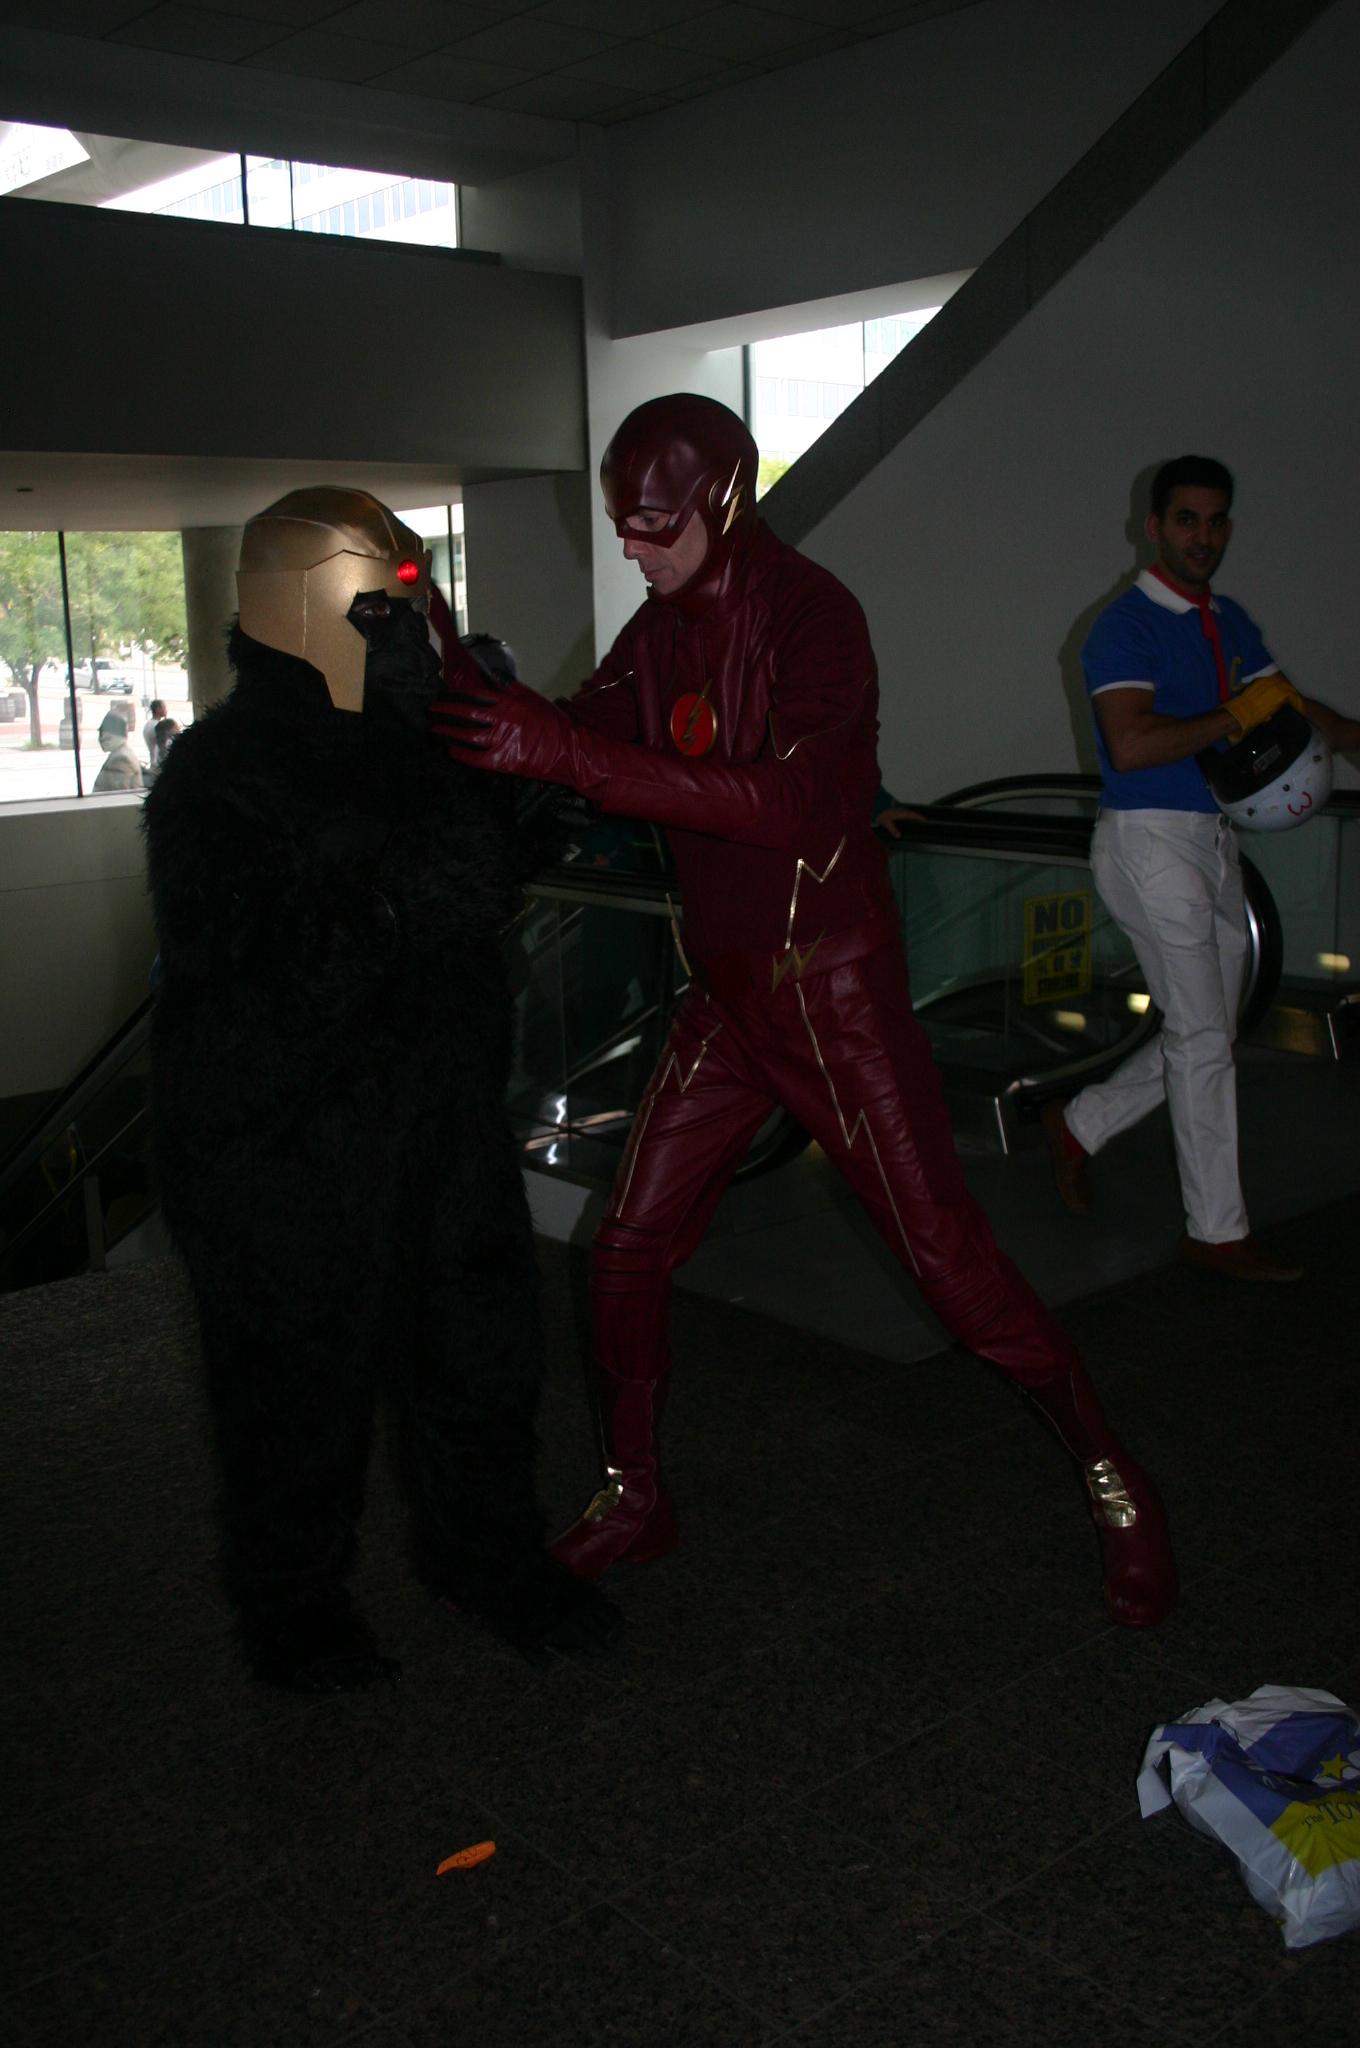 Grodd vs Flash